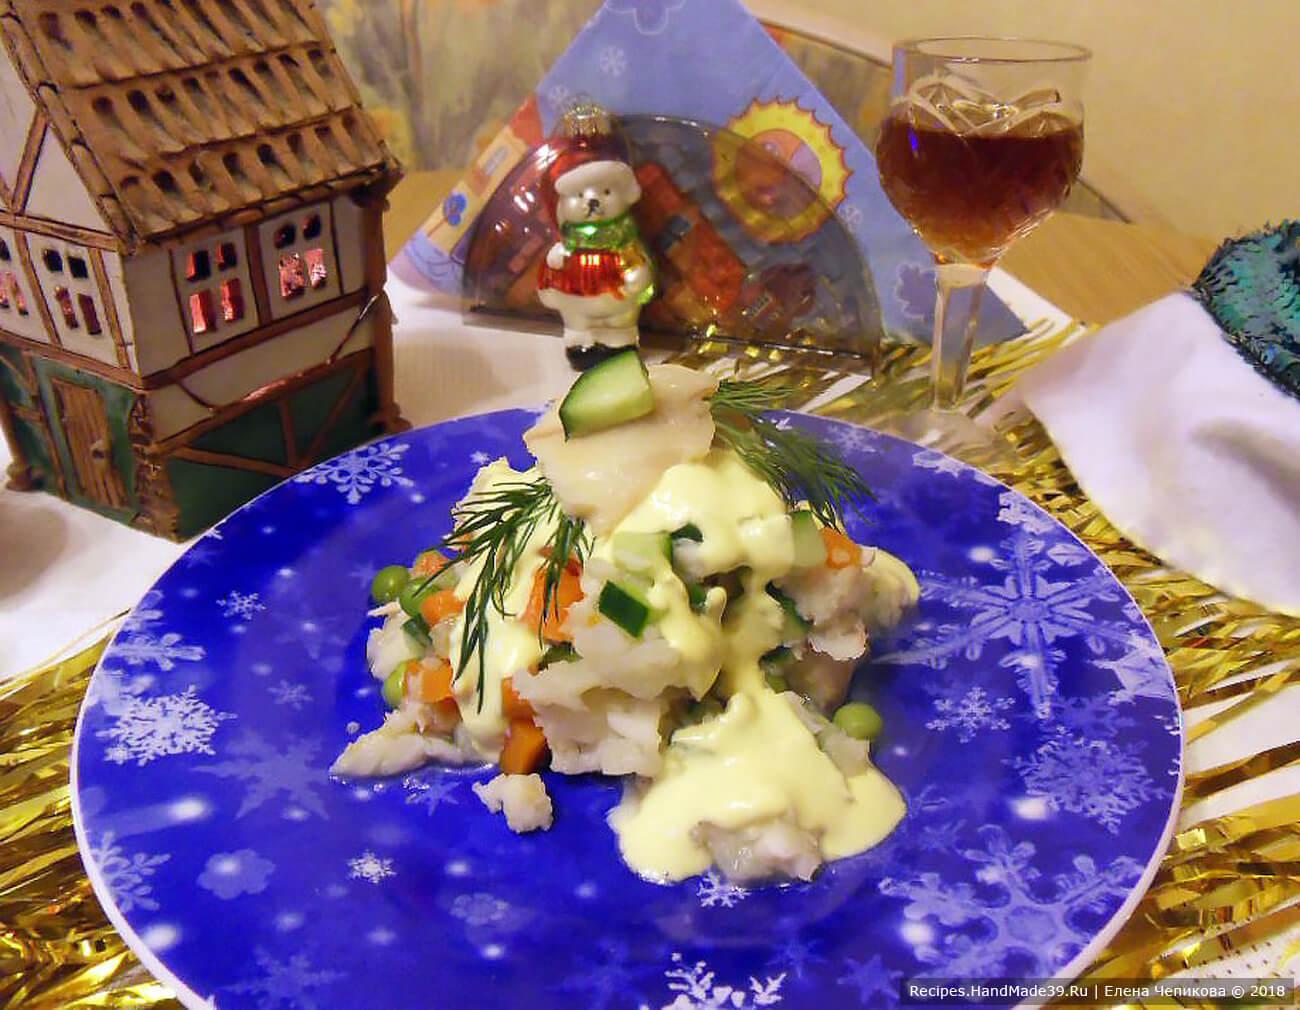 Рецепт салата «Оливье» с белой рыбой. Это не только вкусно, но и полезно! Вариант для людей с гастритом